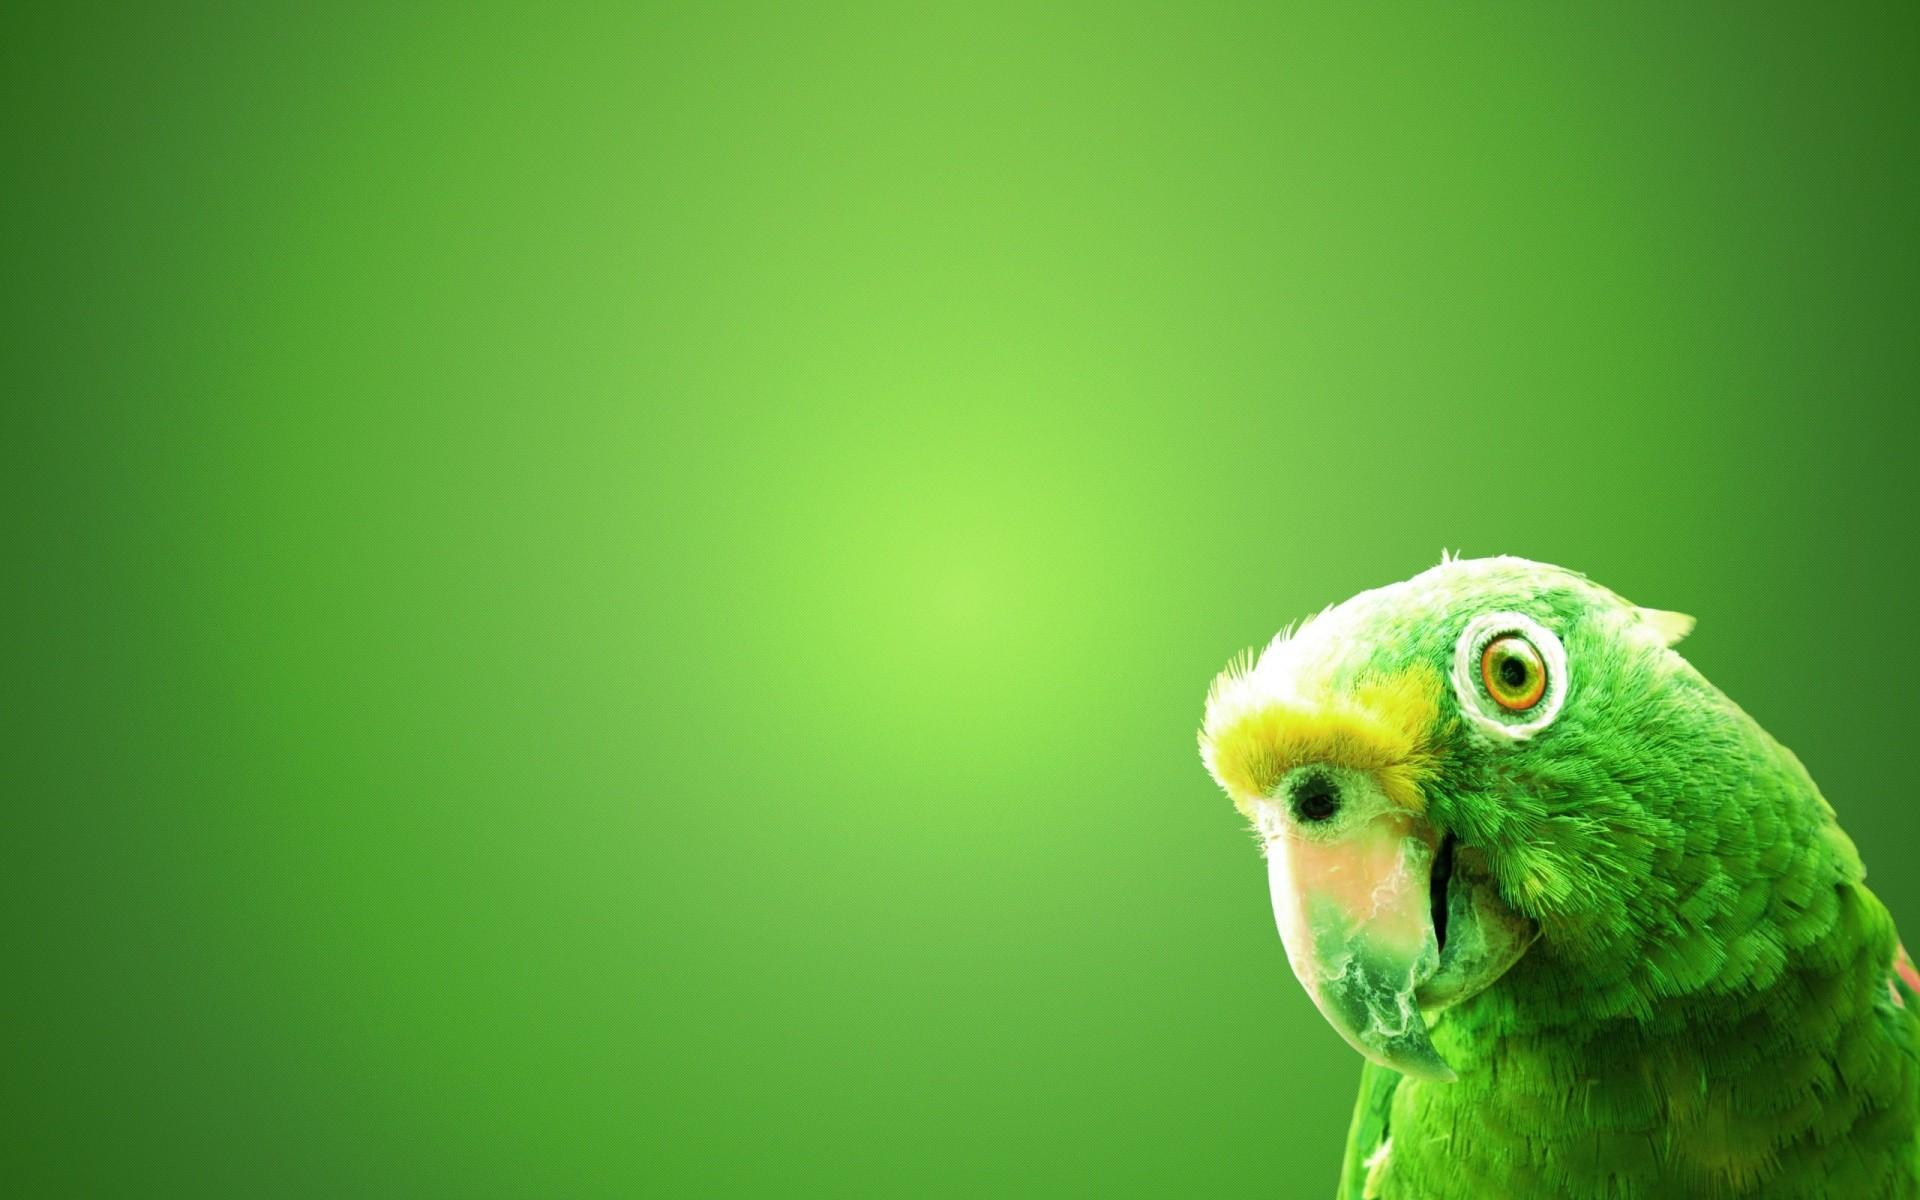 Green Parrots Bird Wallpaper HD Backgrounds Download 4k High 1920x1200